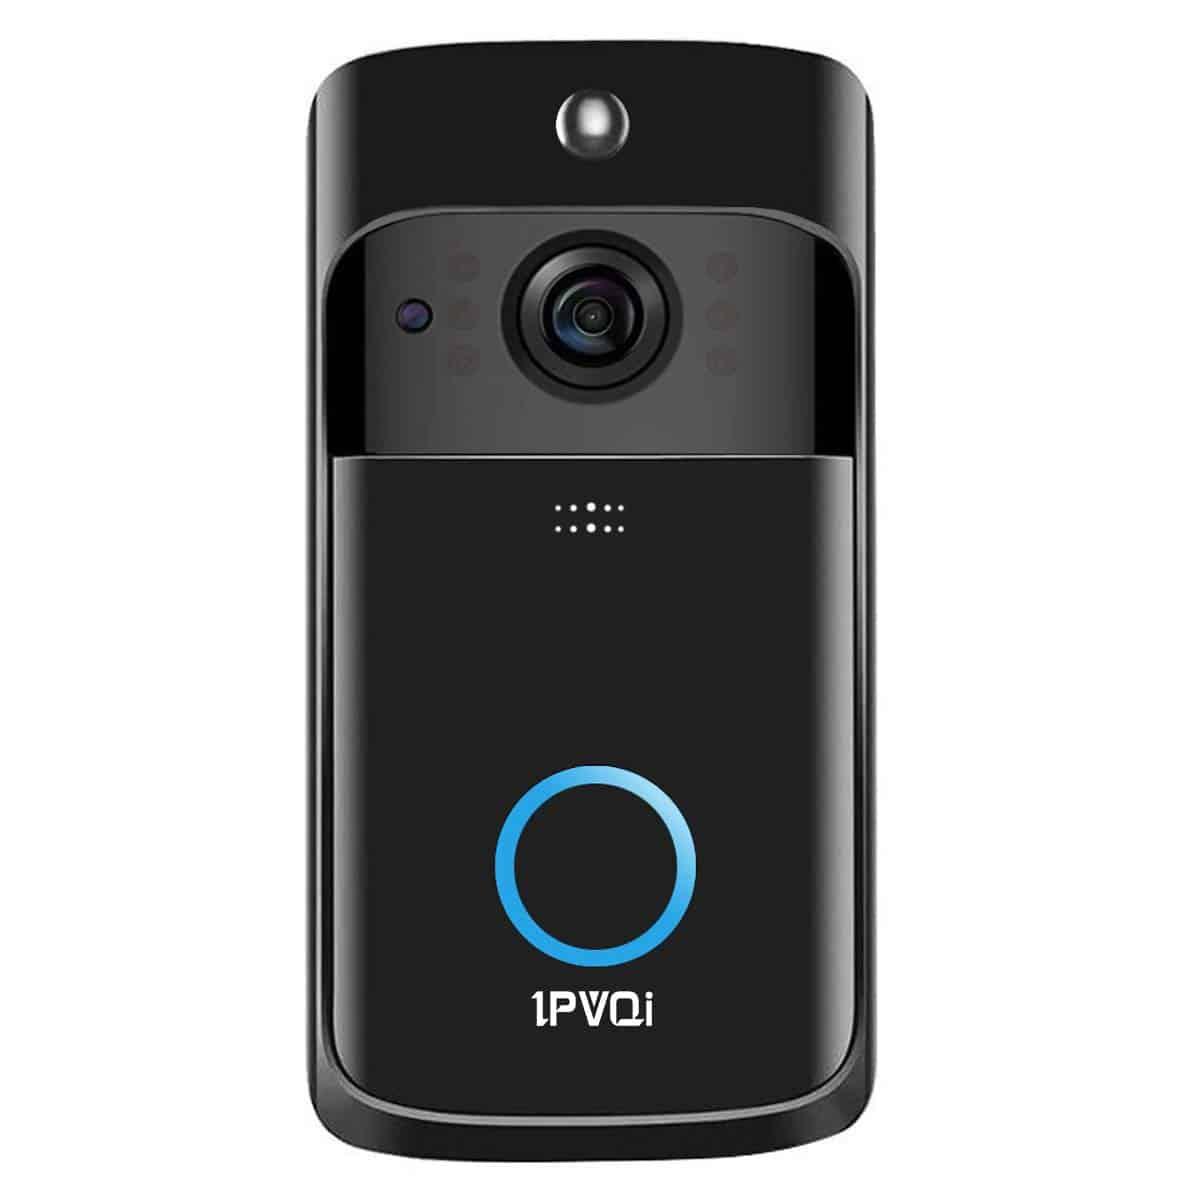 Ipvqi Video Doorbell